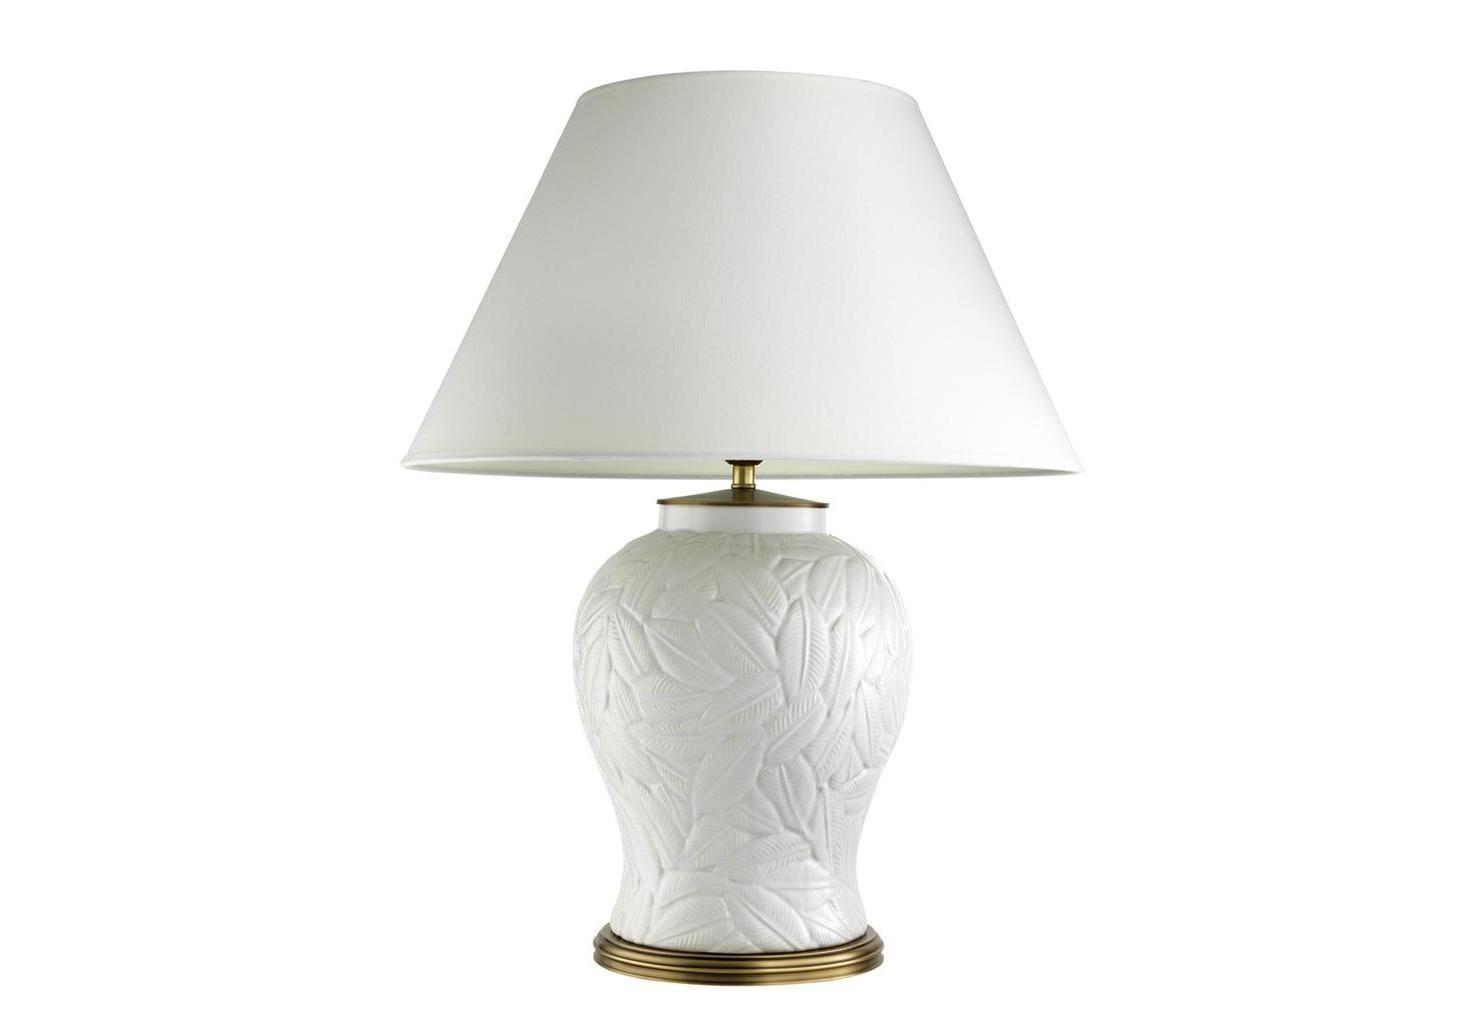 Настольная лампаДекоративные лампы<br>Настольная лампа Table Lamp Cyprus с вазой из керамики белого цвета. Текстильный белый абажур скрывает лампу.&amp;lt;div&amp;gt;&amp;lt;br&amp;gt;&amp;lt;/div&amp;gt;&amp;lt;div&amp;gt;&amp;lt;div&amp;gt;Тип цоколя: E27&amp;lt;/div&amp;gt;&amp;lt;div&amp;gt;Мощность: 40W&amp;lt;/div&amp;gt;&amp;lt;div&amp;gt;Кол-во ламп: 1 (нет в комплекте)&amp;lt;/div&amp;gt;&amp;lt;/div&amp;gt;<br><br>Material: Керамика<br>Высота см: 85